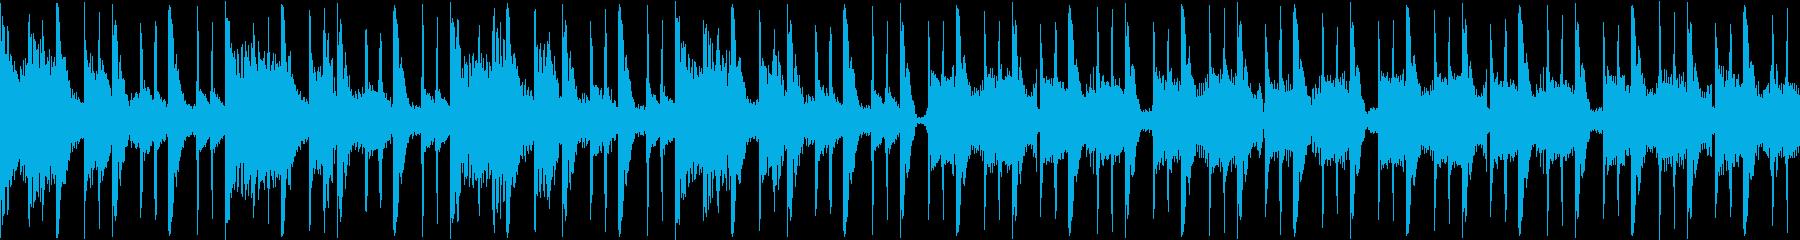 【短ループ】幻想的で妖しい映像用BGMの再生済みの波形